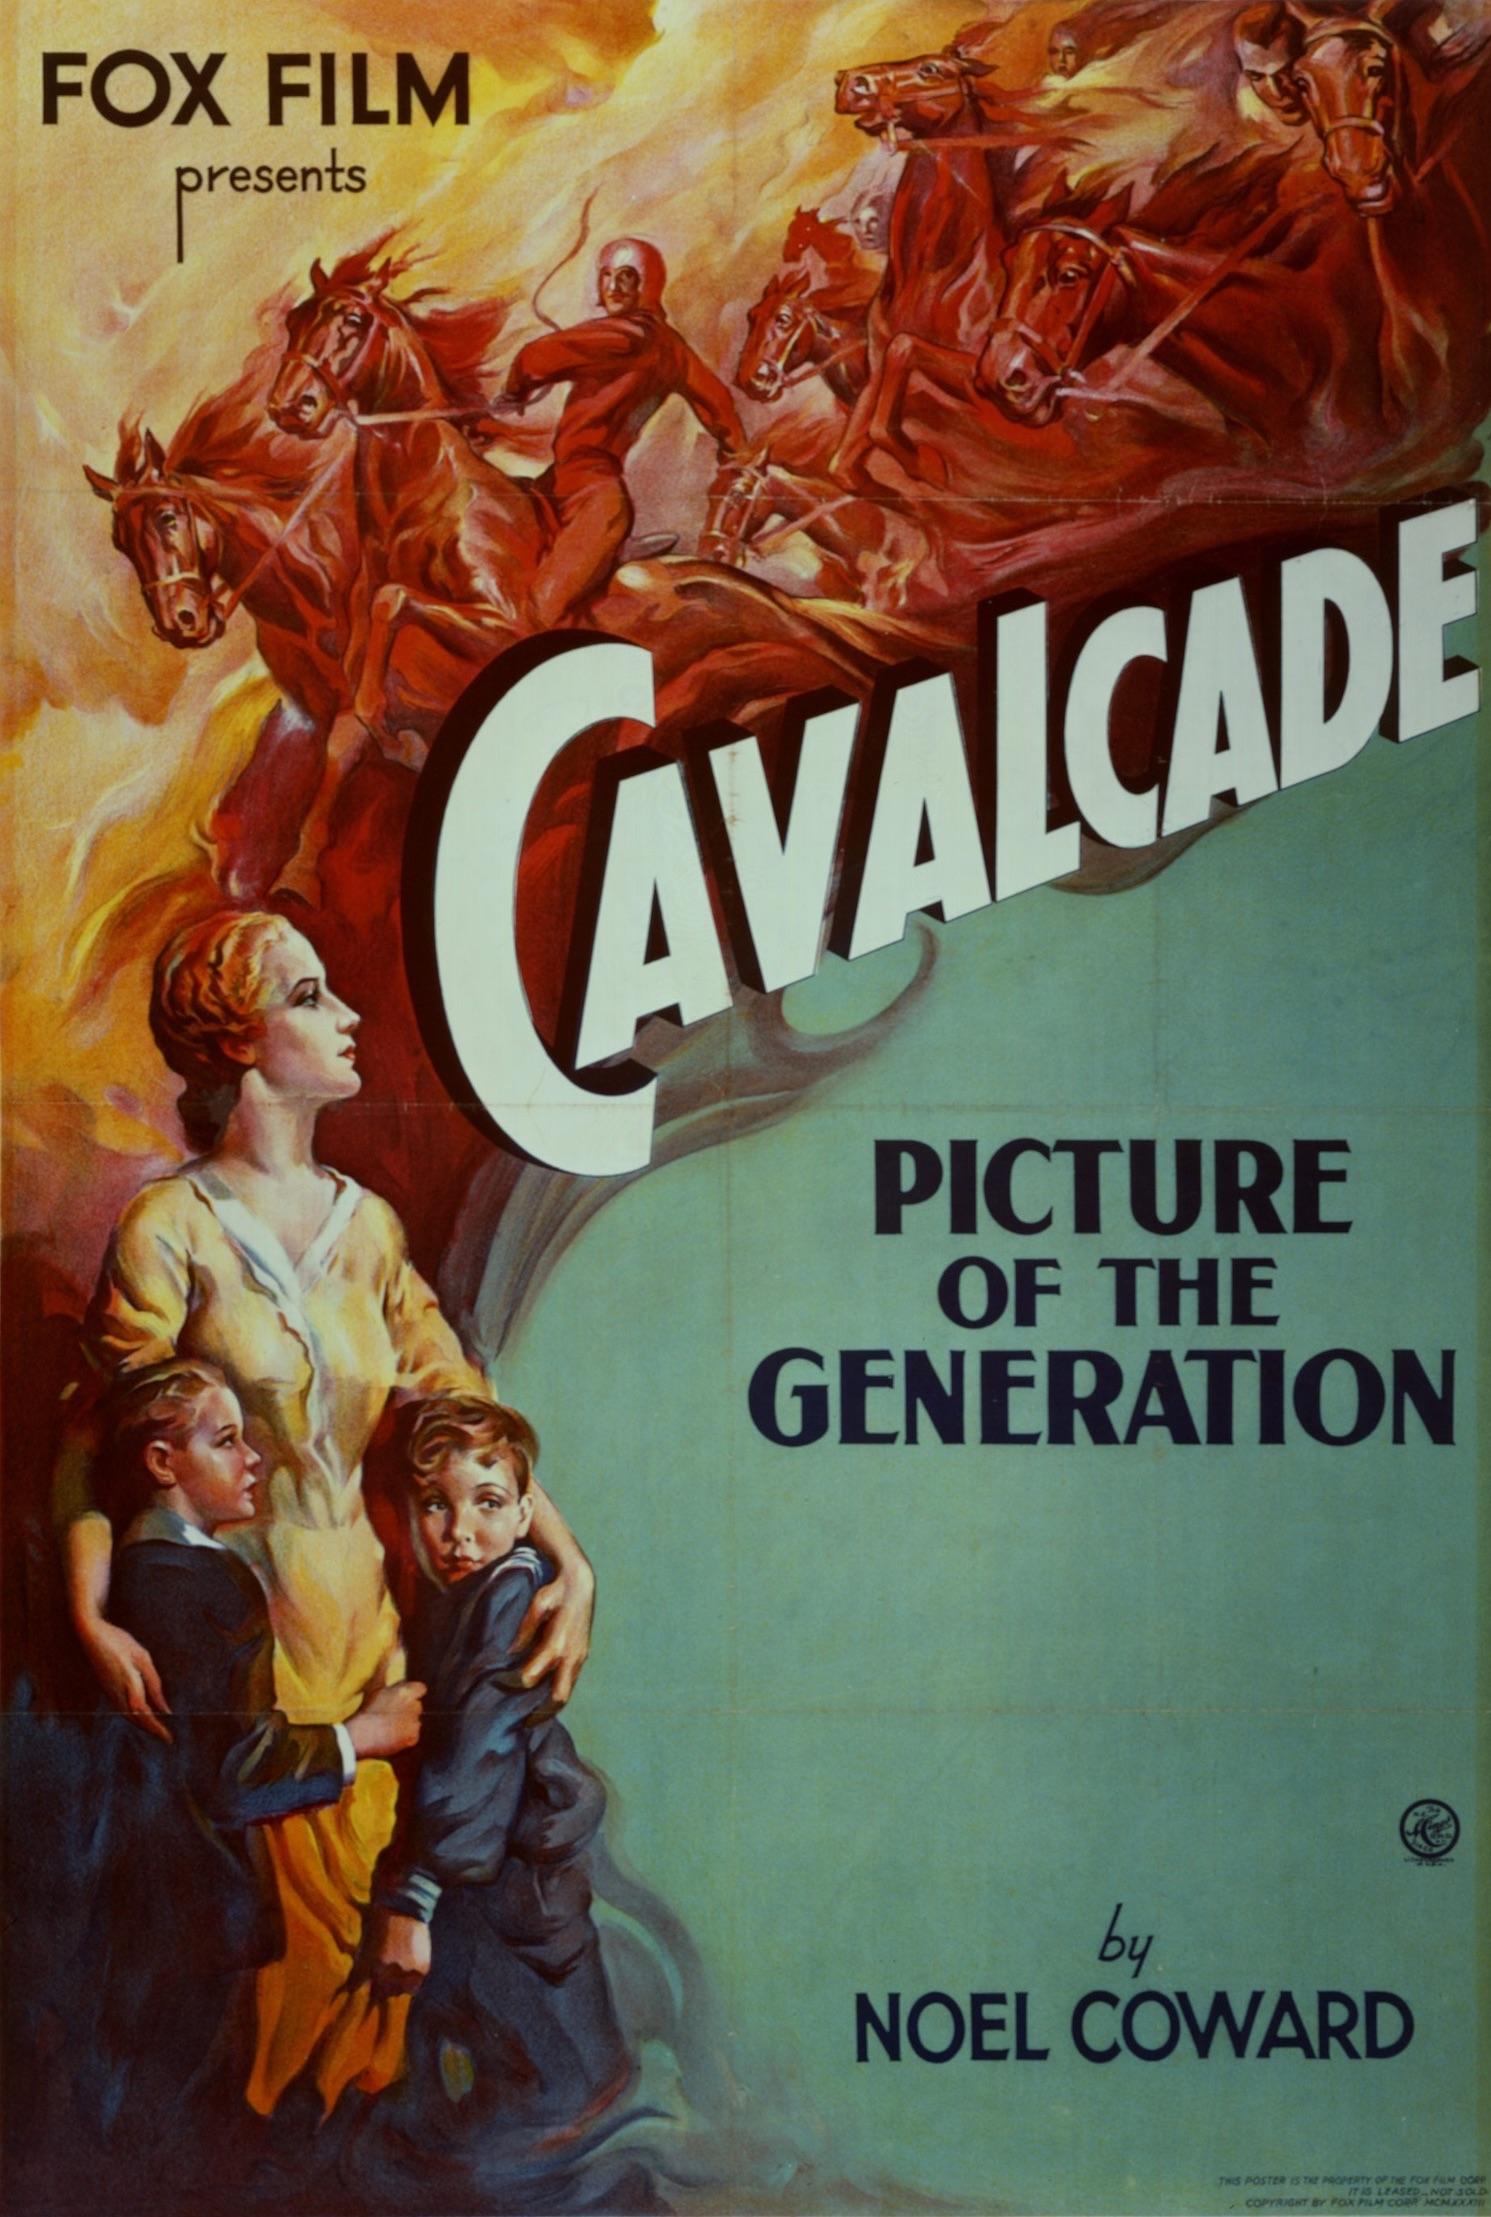 cavalcade-poster.jpg